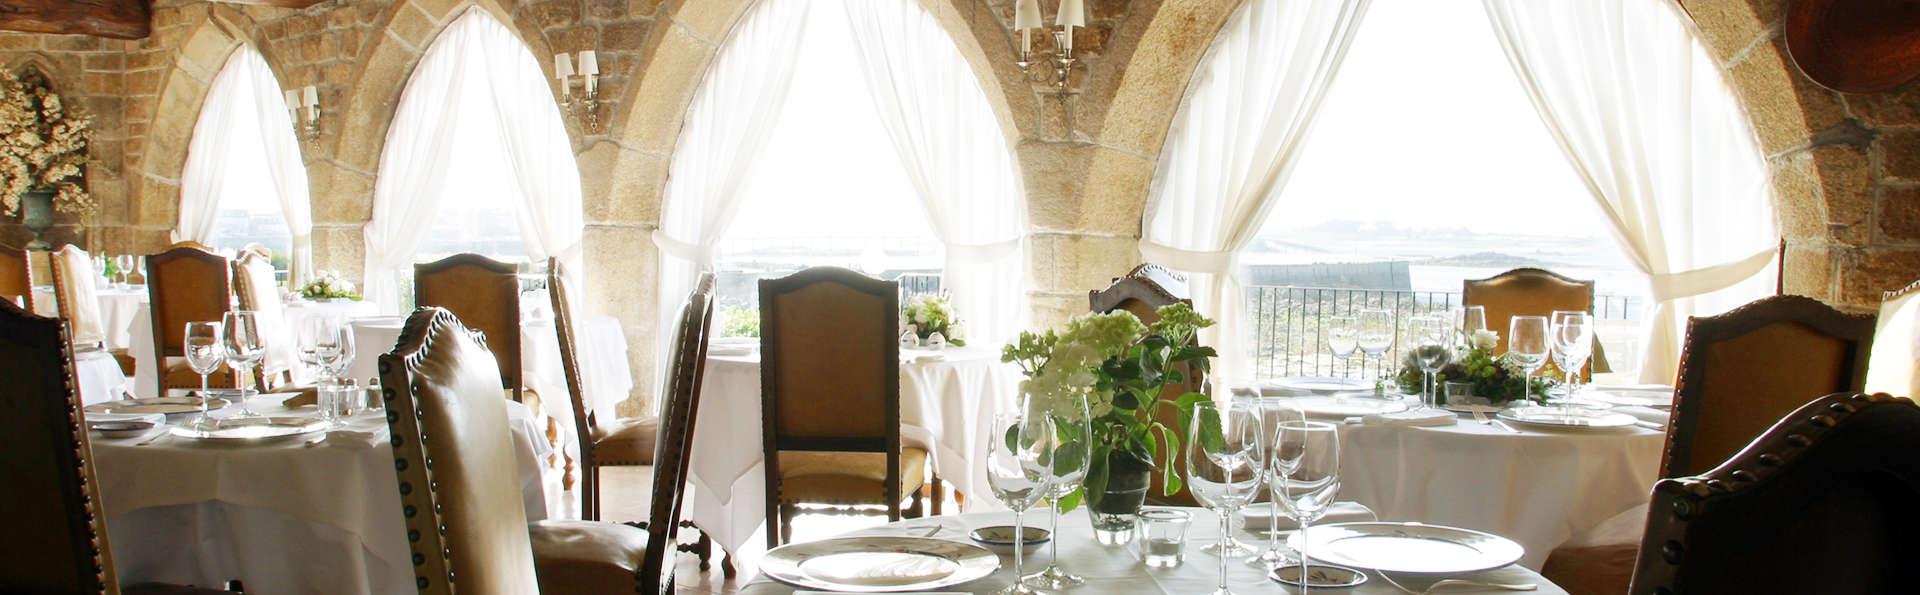 Week-end avec dîner gastronomique et accès spa à Roscoff